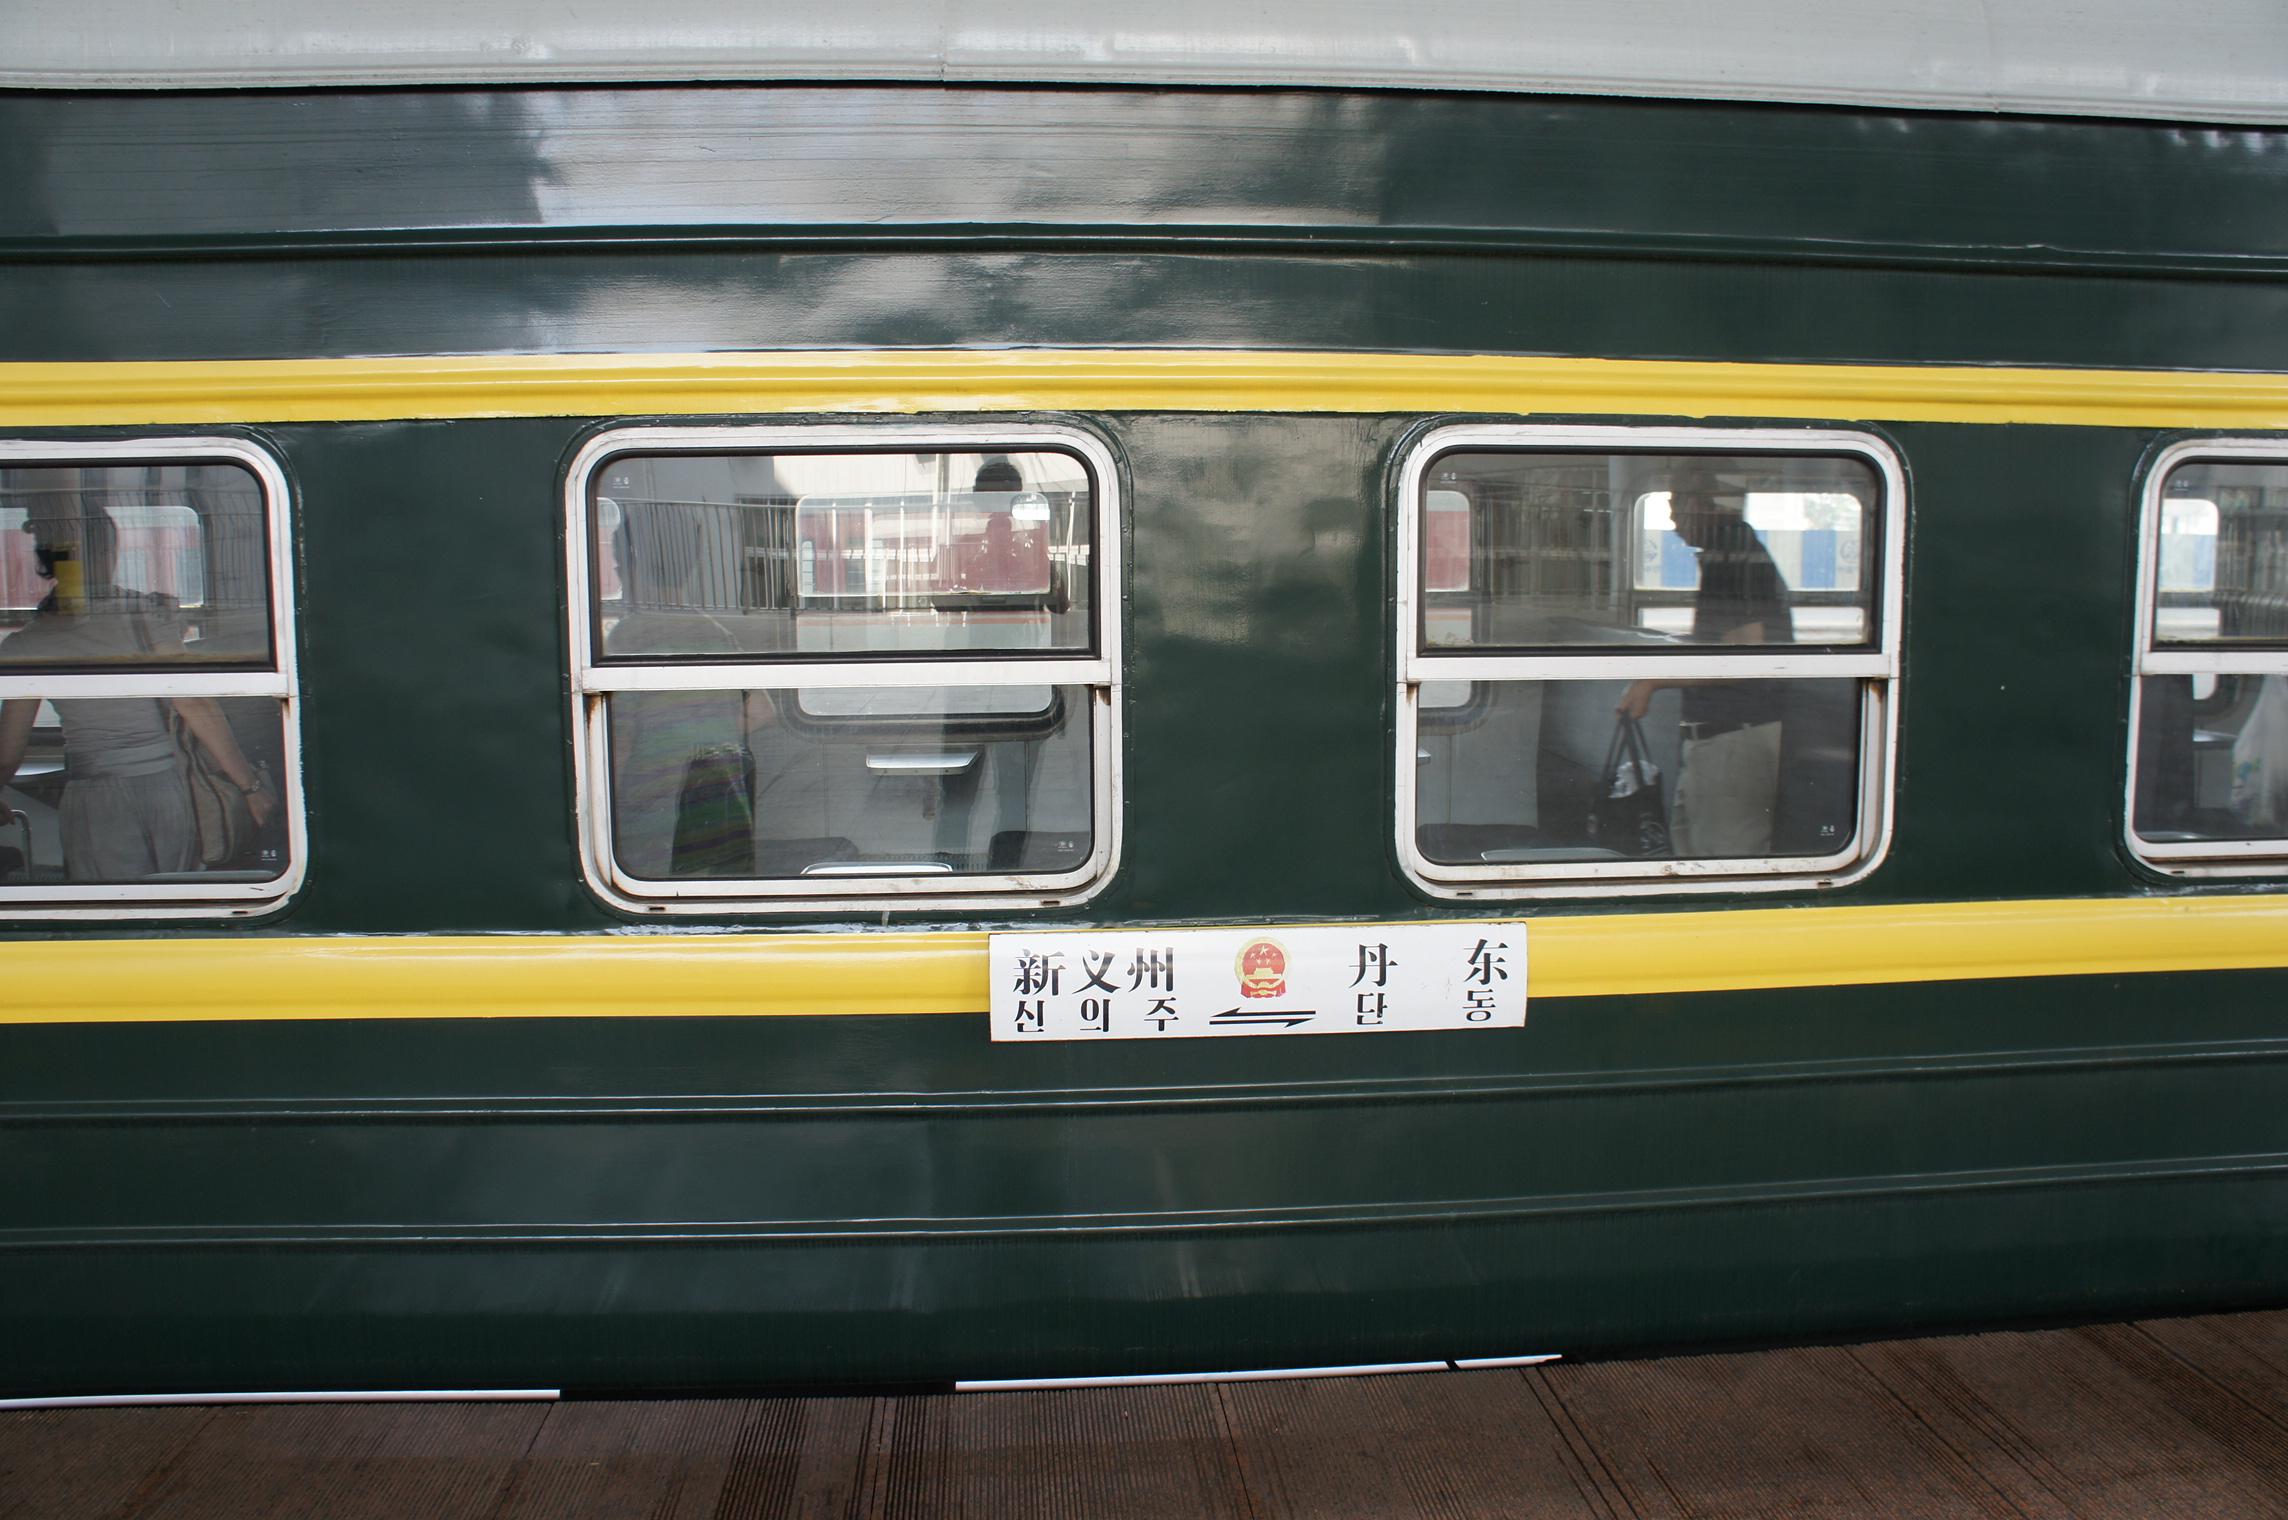 帶我們橫過鴨綠江大橋進入朝鮮的火車